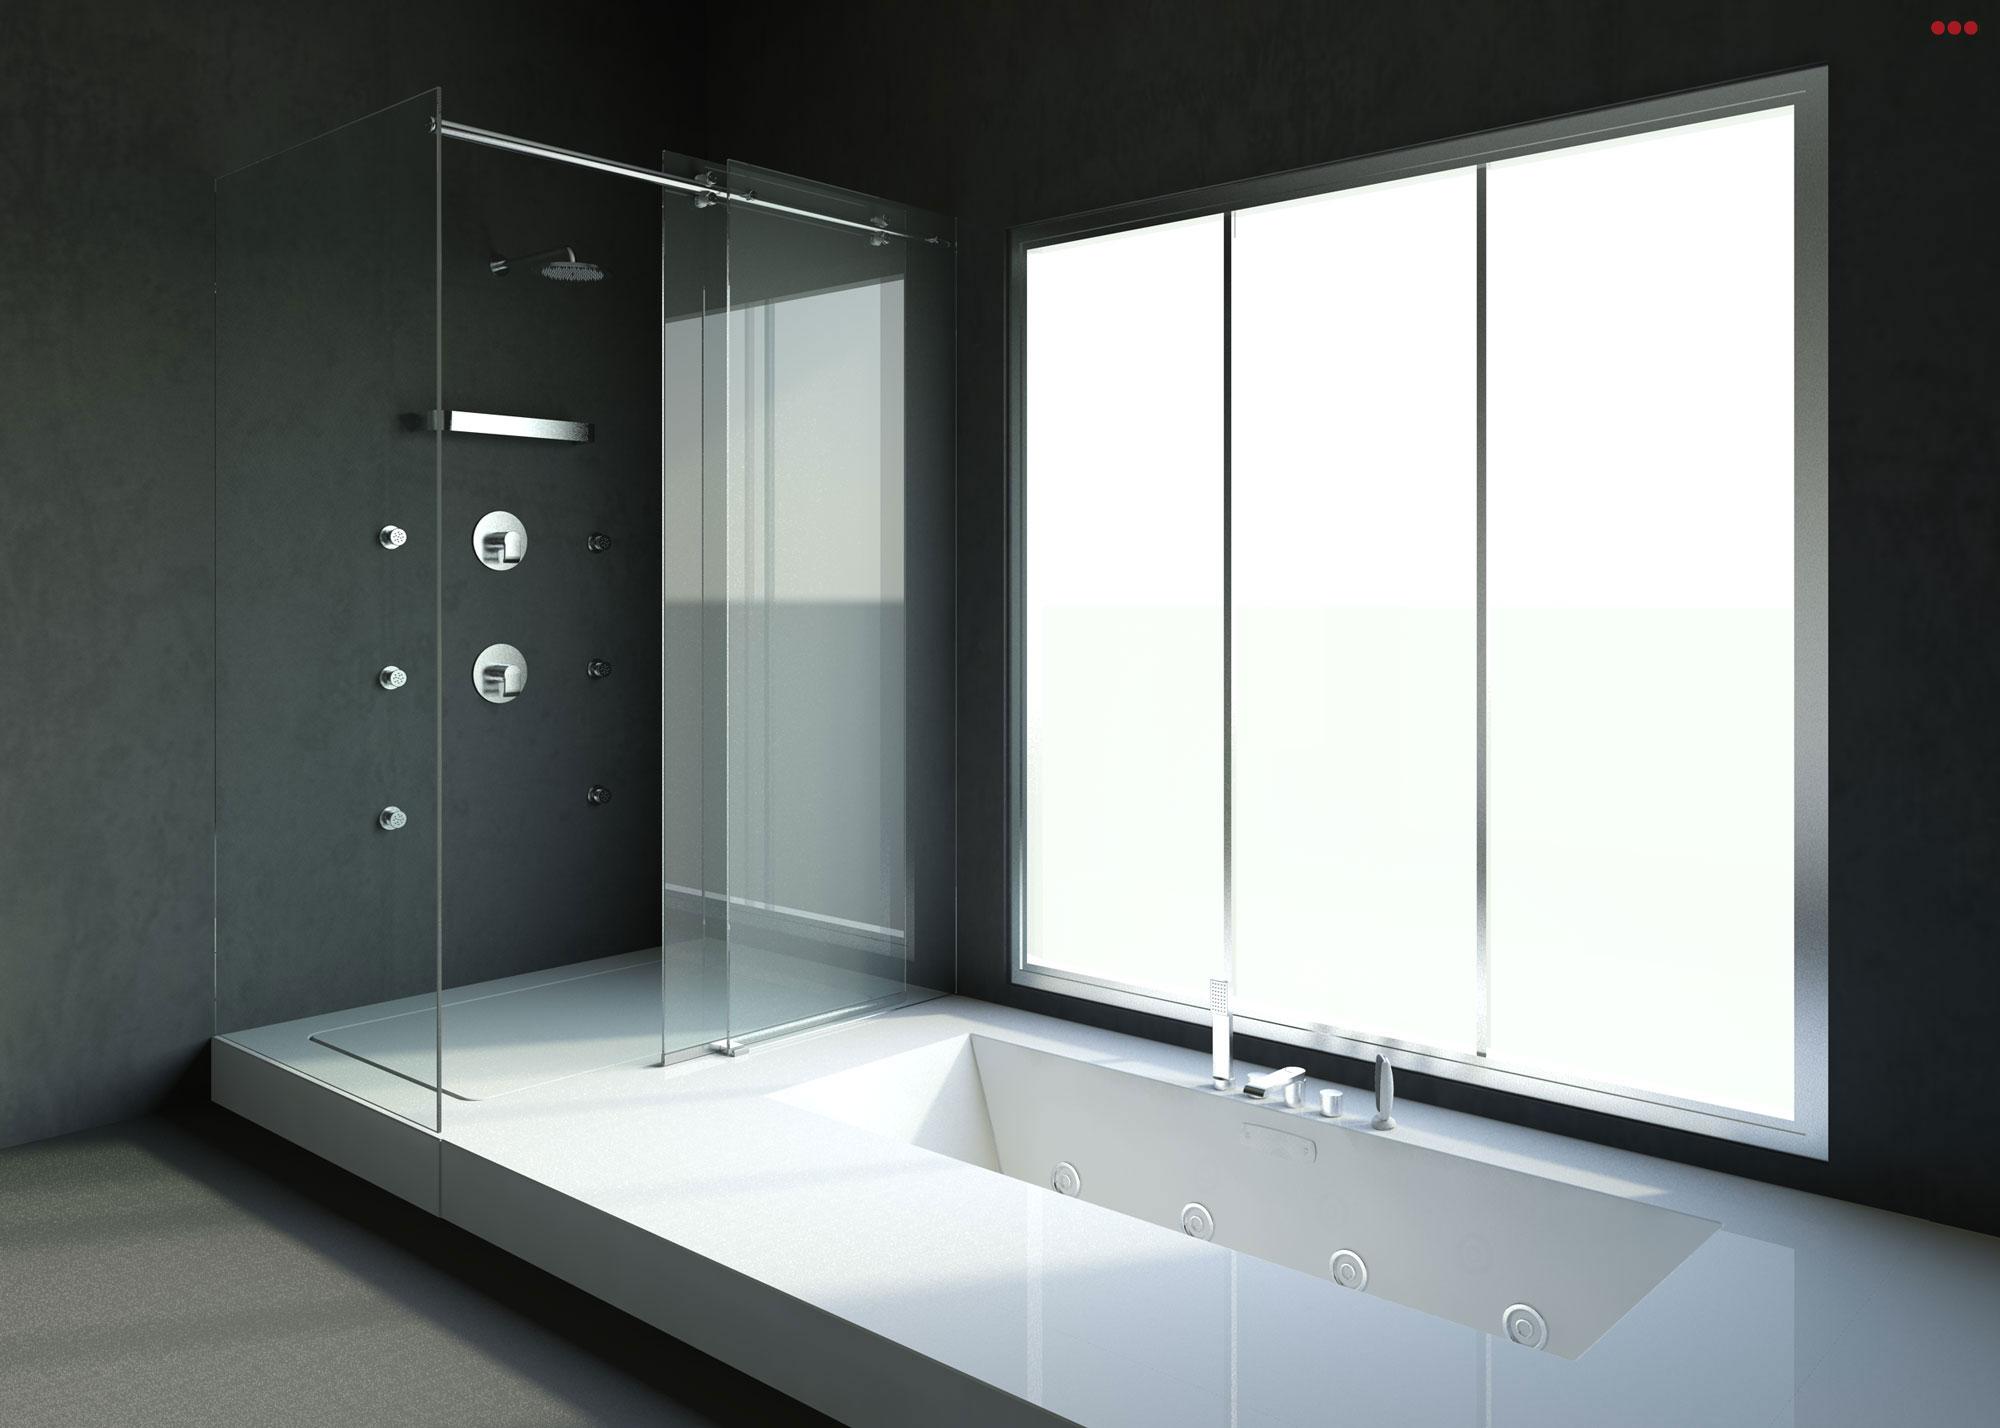 Cirelli arredo bagno mobili per bagno roma da e provincia for Arredi bagno roma